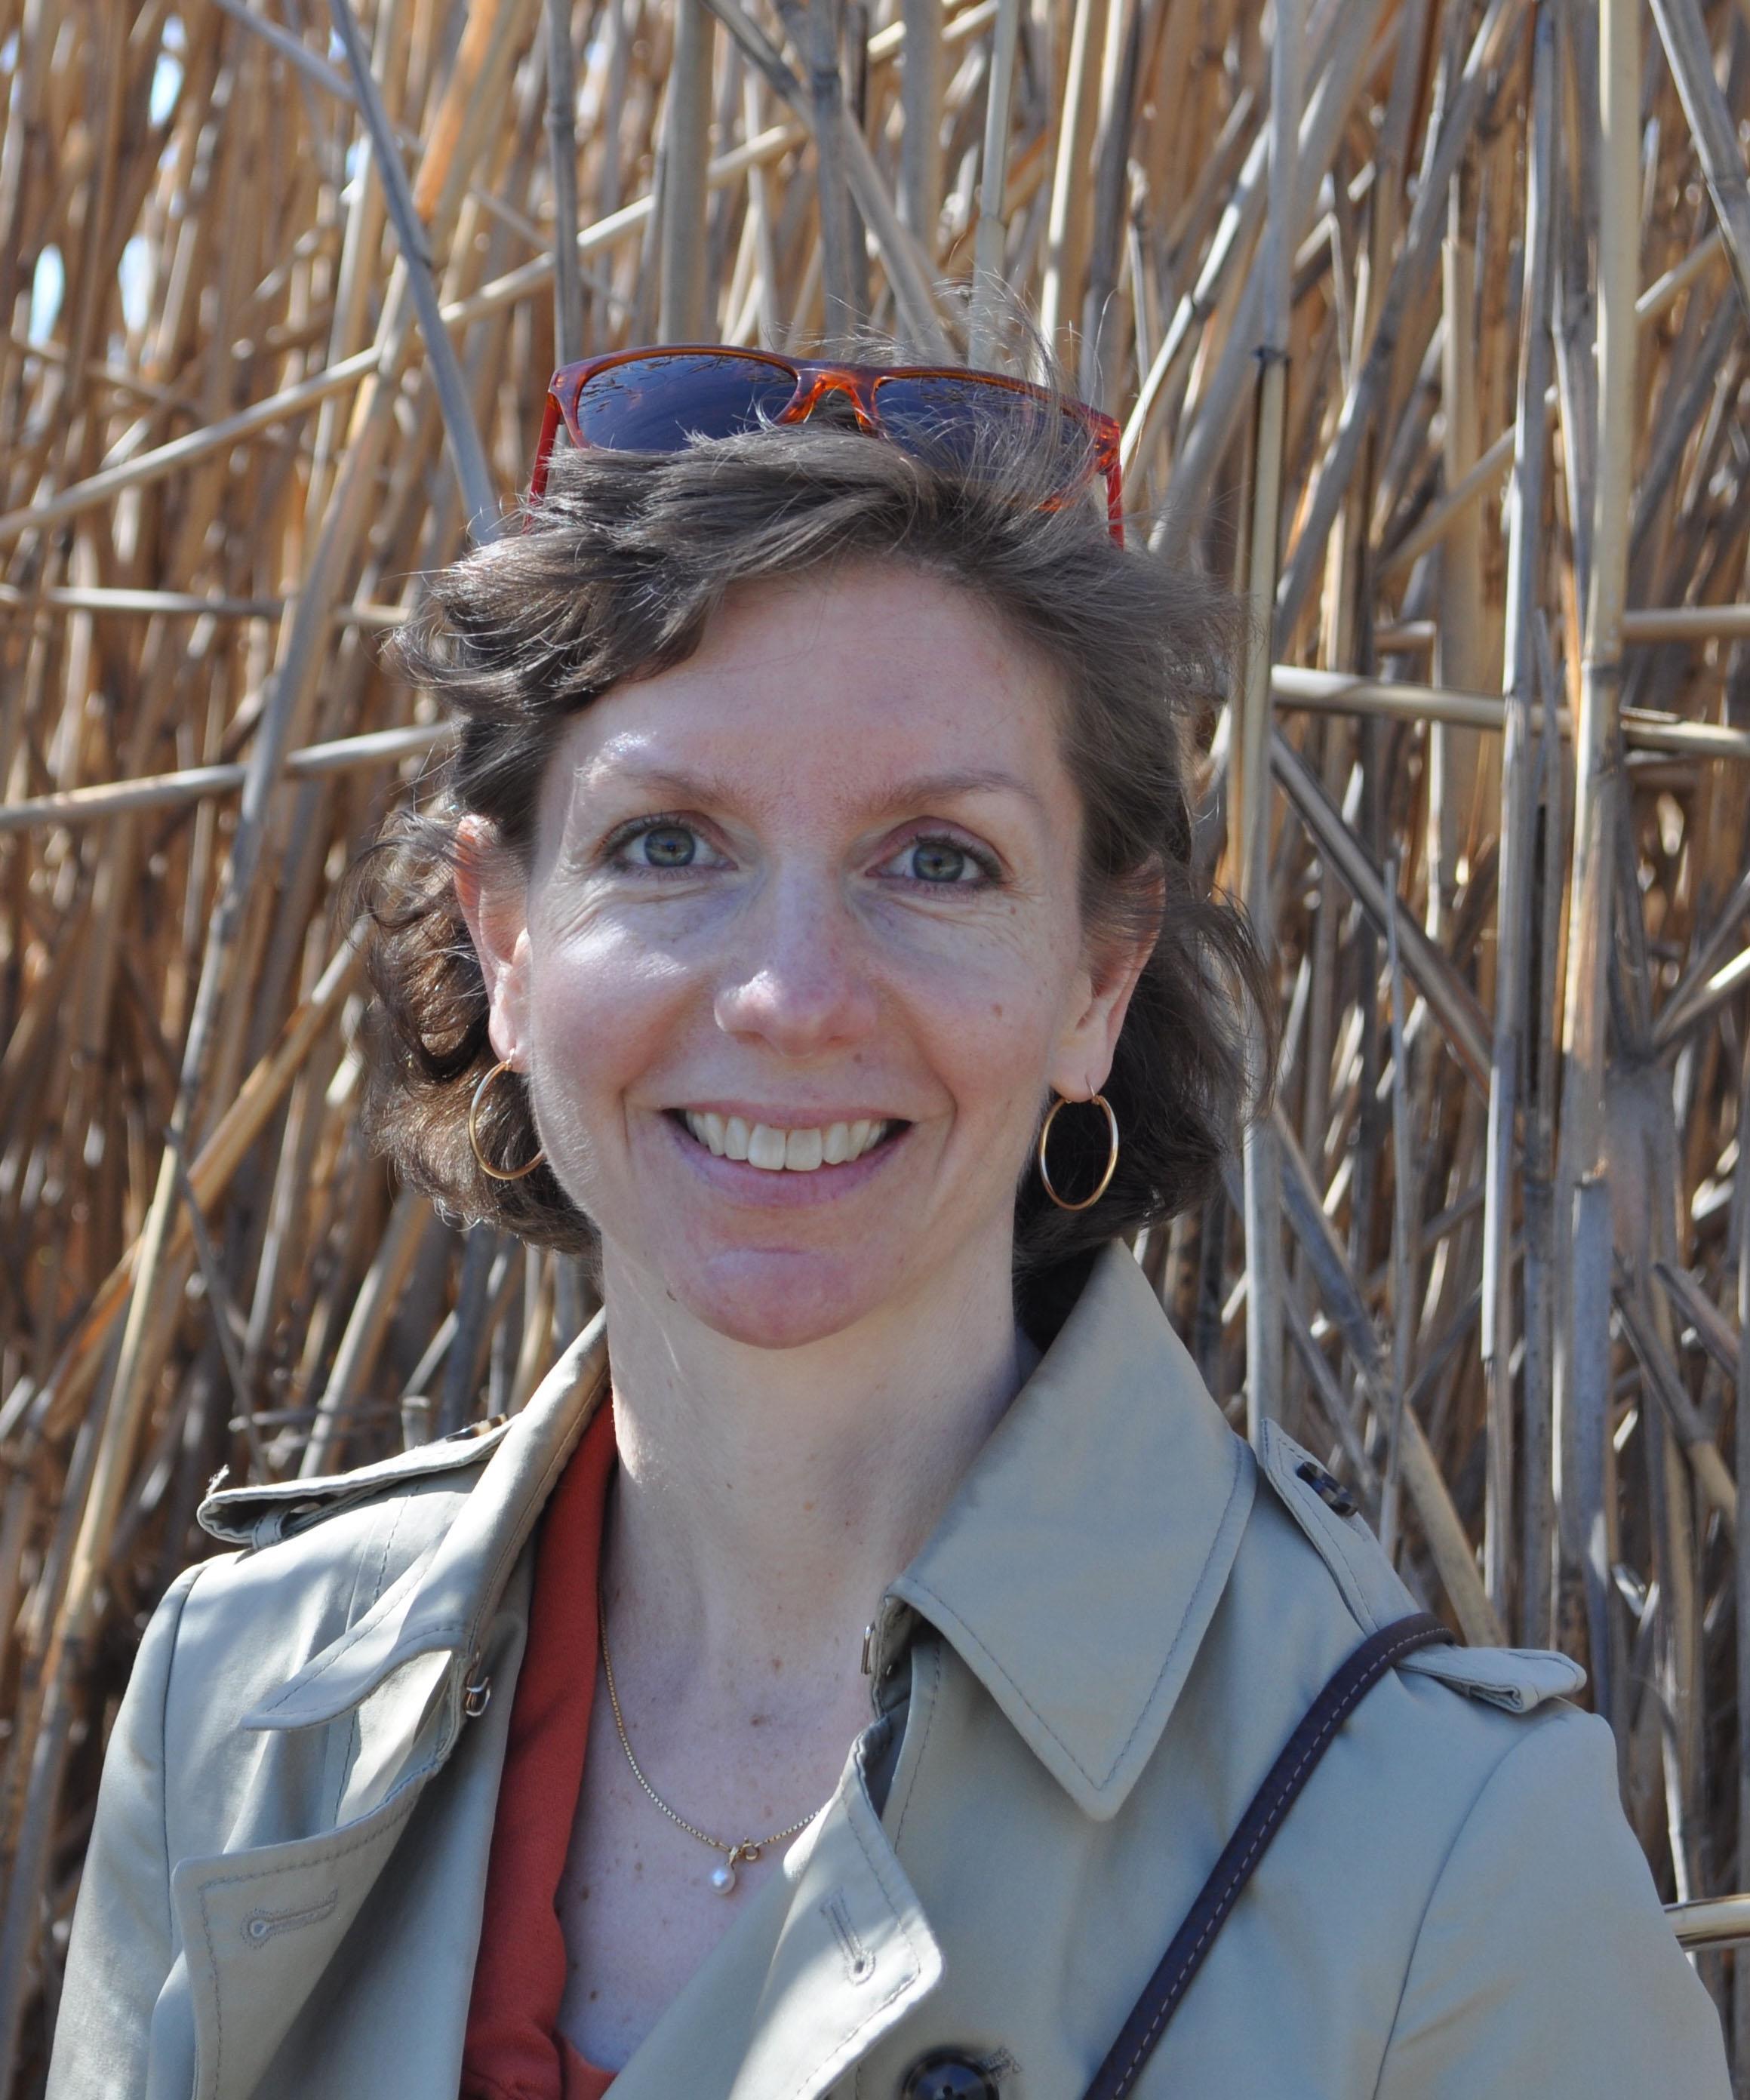 Photo of                                                                                                                                                                                                                                                                                                                                                                                                                                                                                                                                                                                                                                                                                                                                                                                                                                                                                                                                                                                                                                                                                                                 Katherine                                                                                                                                                                                                                                                                                                                                                                                                                                                                                                                                                                                                                                                                                                                                                                                                                                                                                                                                              